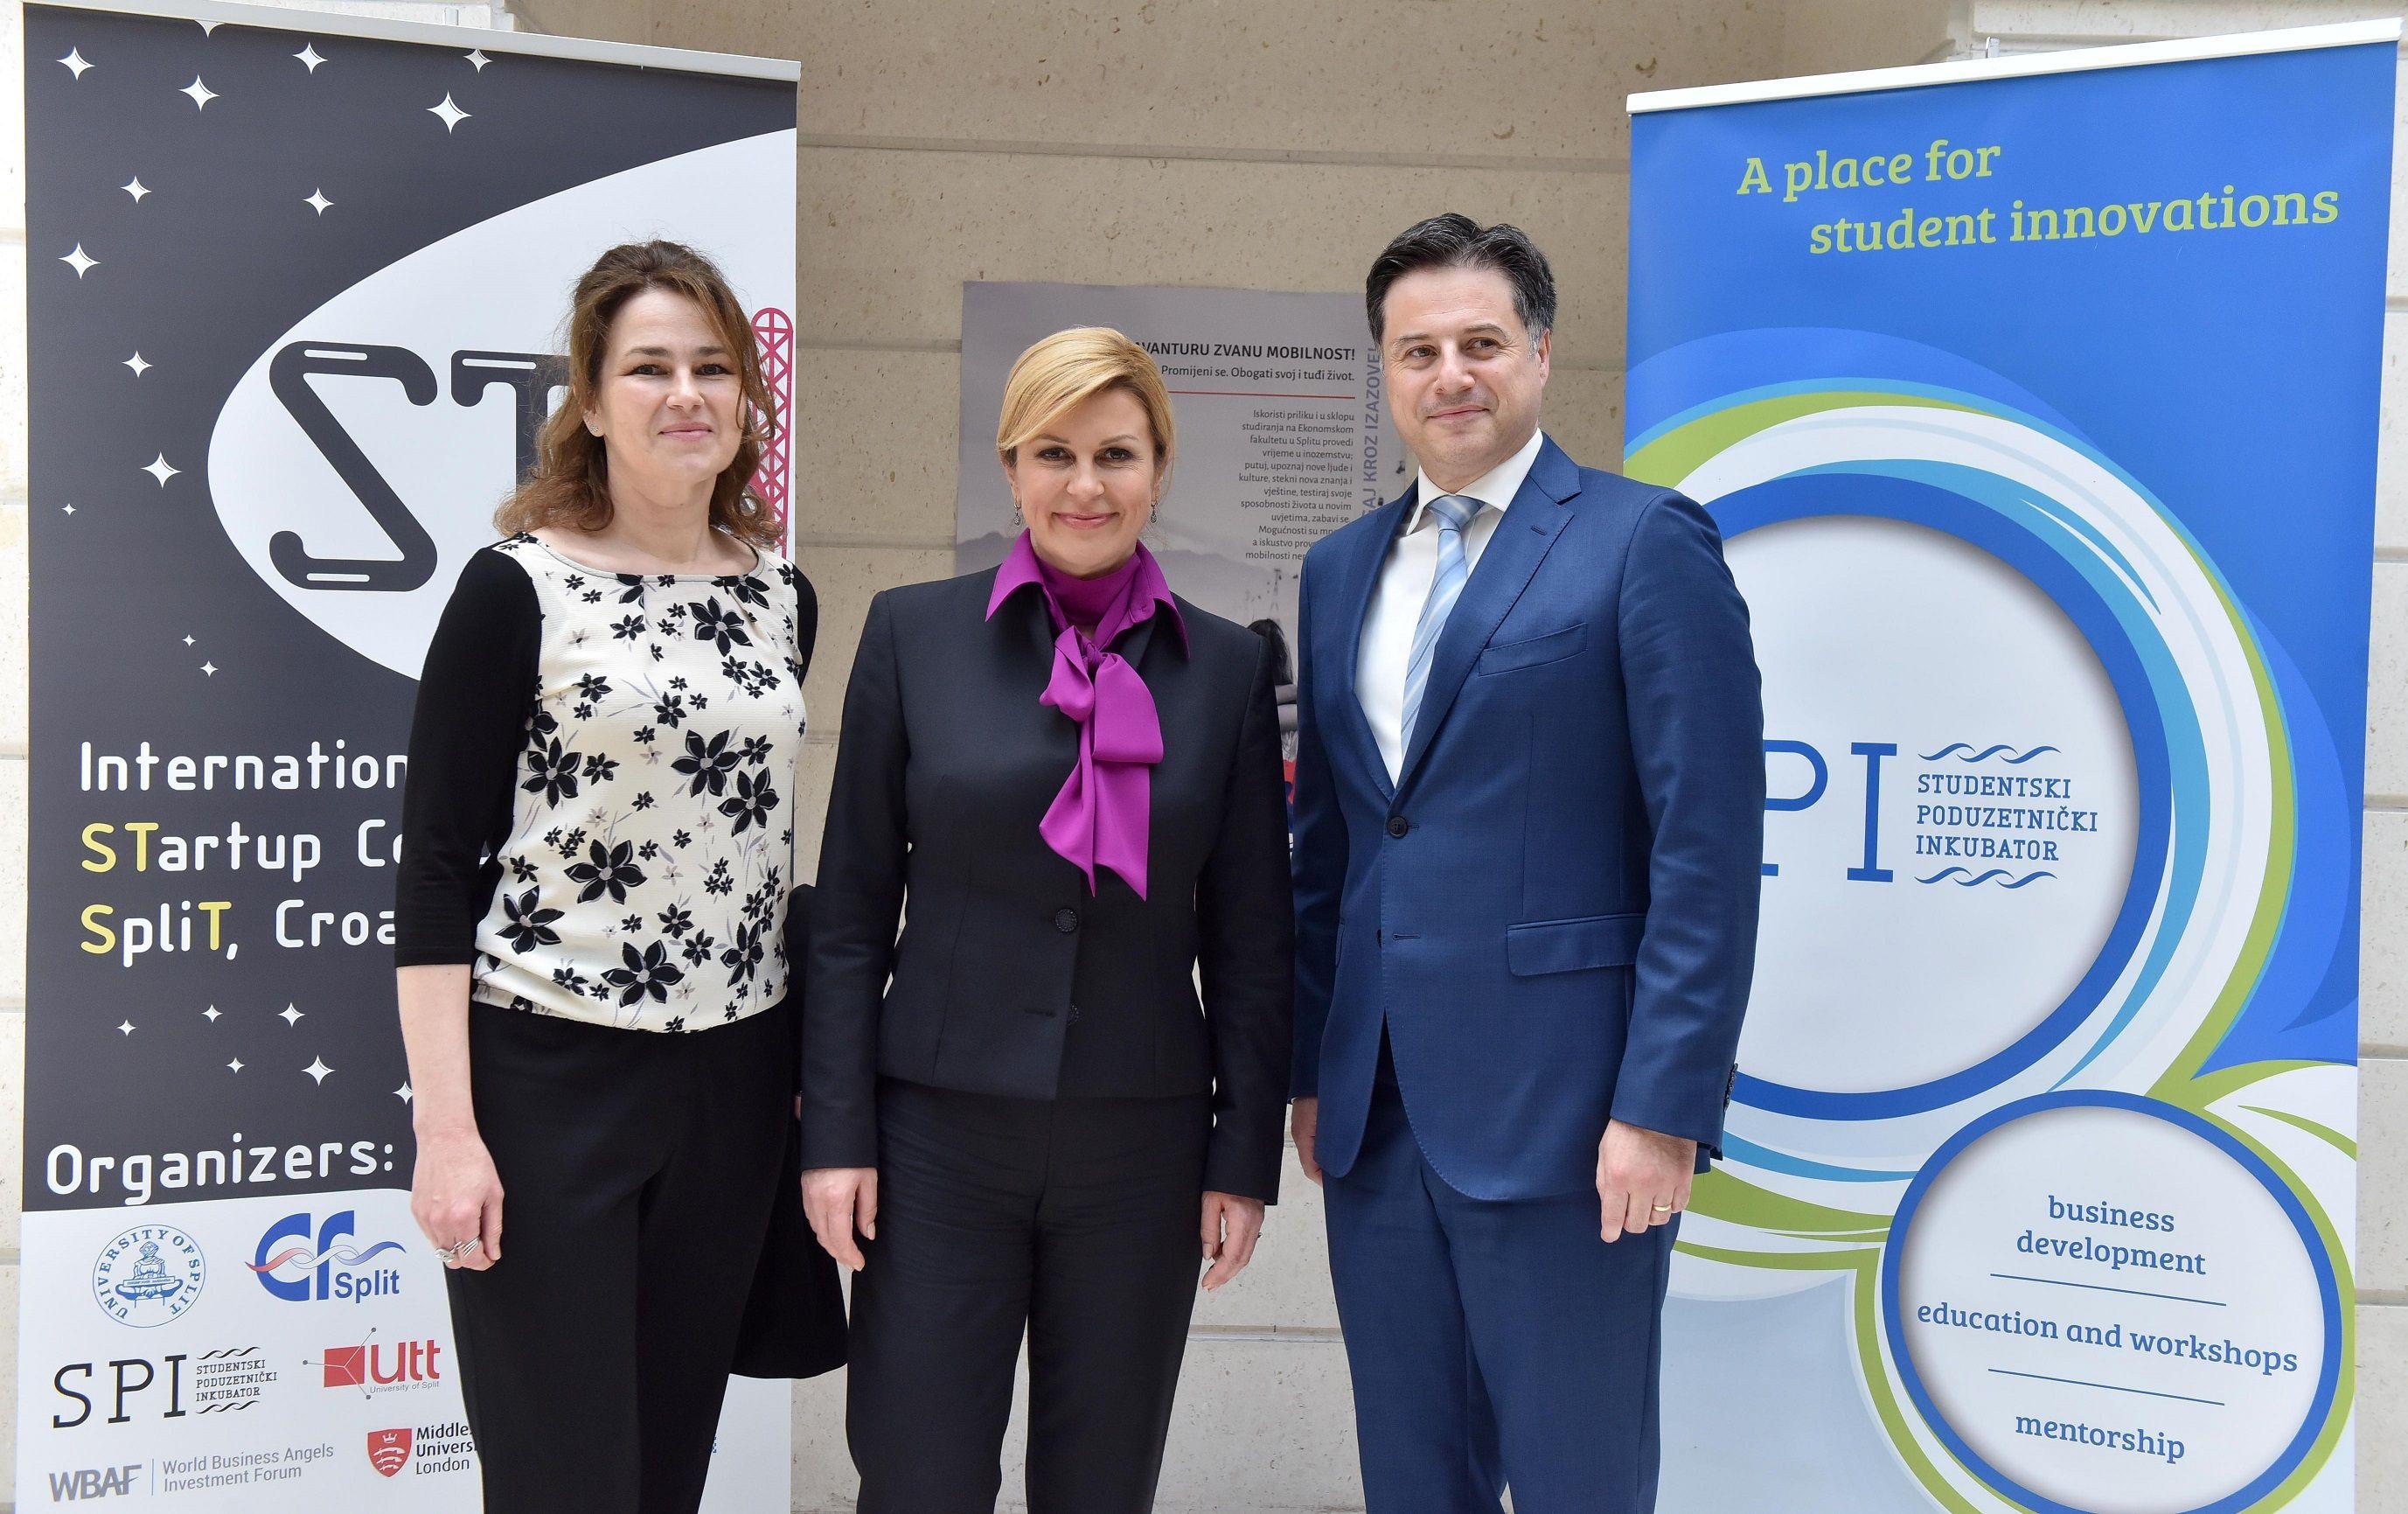 Predsjednica Grabar-Kitarović: Demografija pitanje svih pitanja, posebice teško pogođena kontinentalna Dalmacija